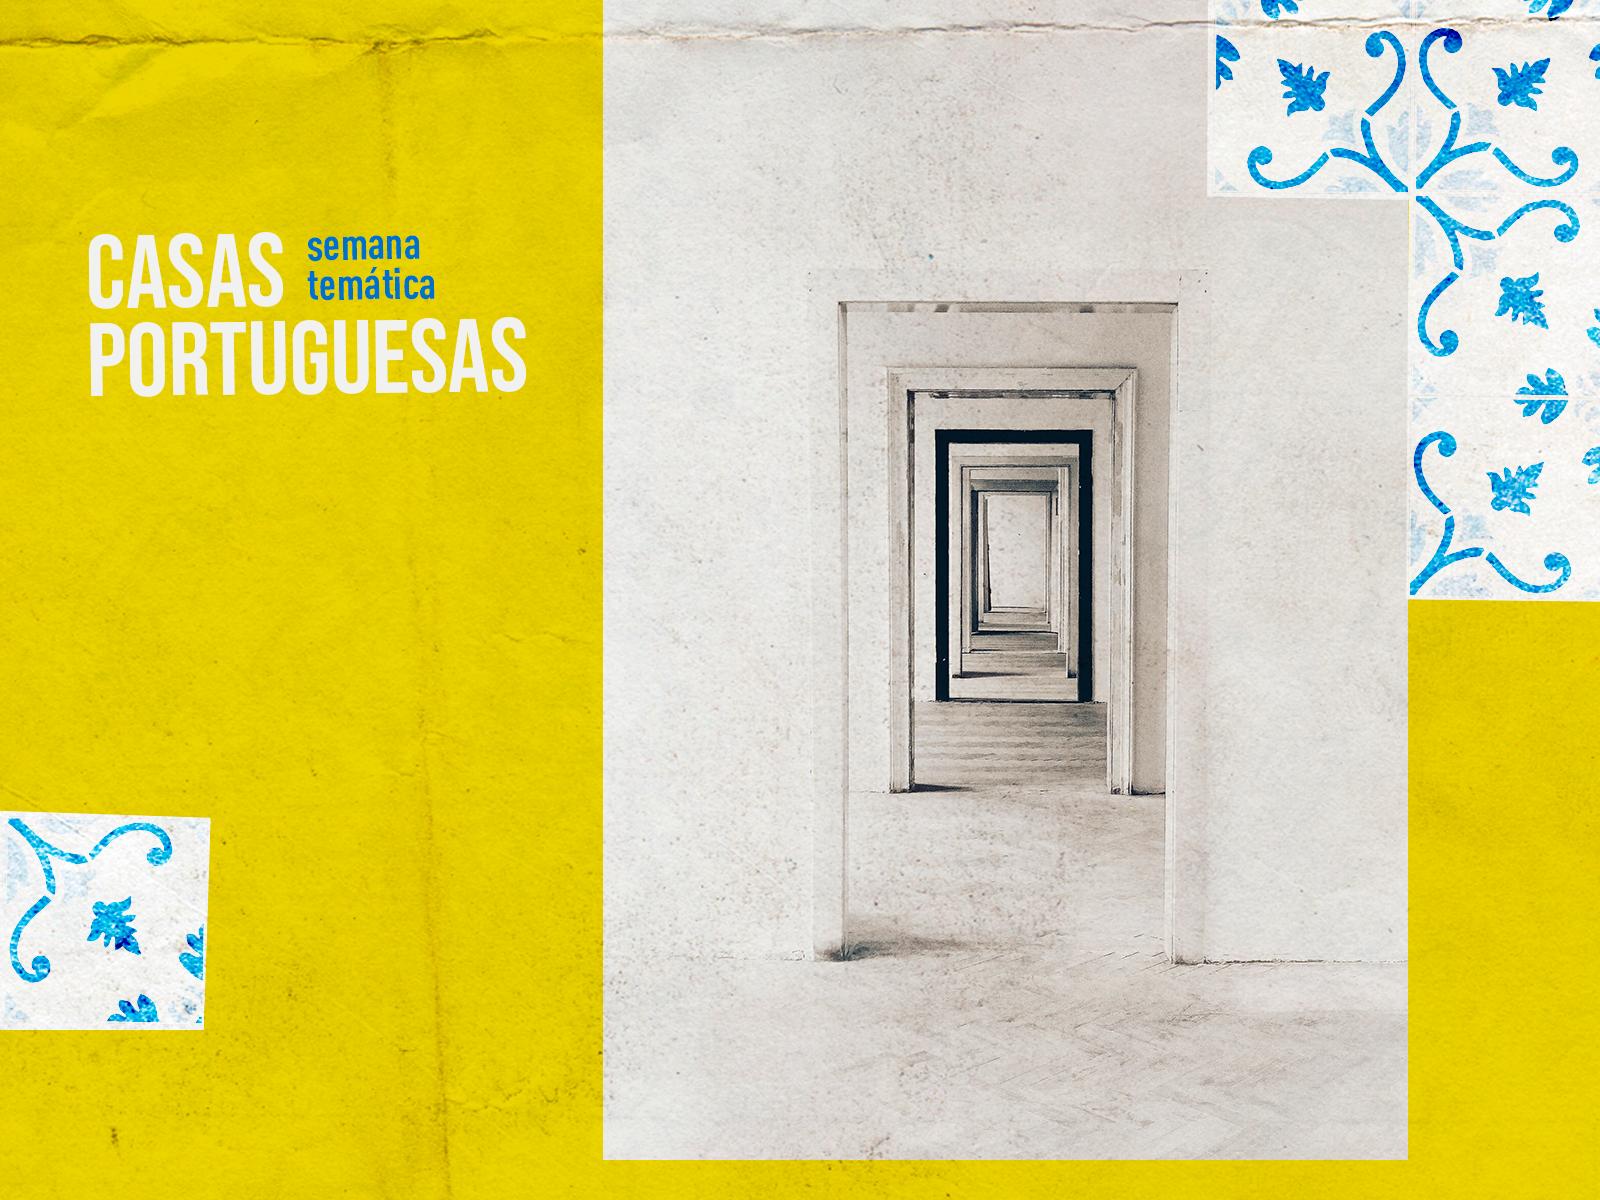 gerador-casas-portuguesas